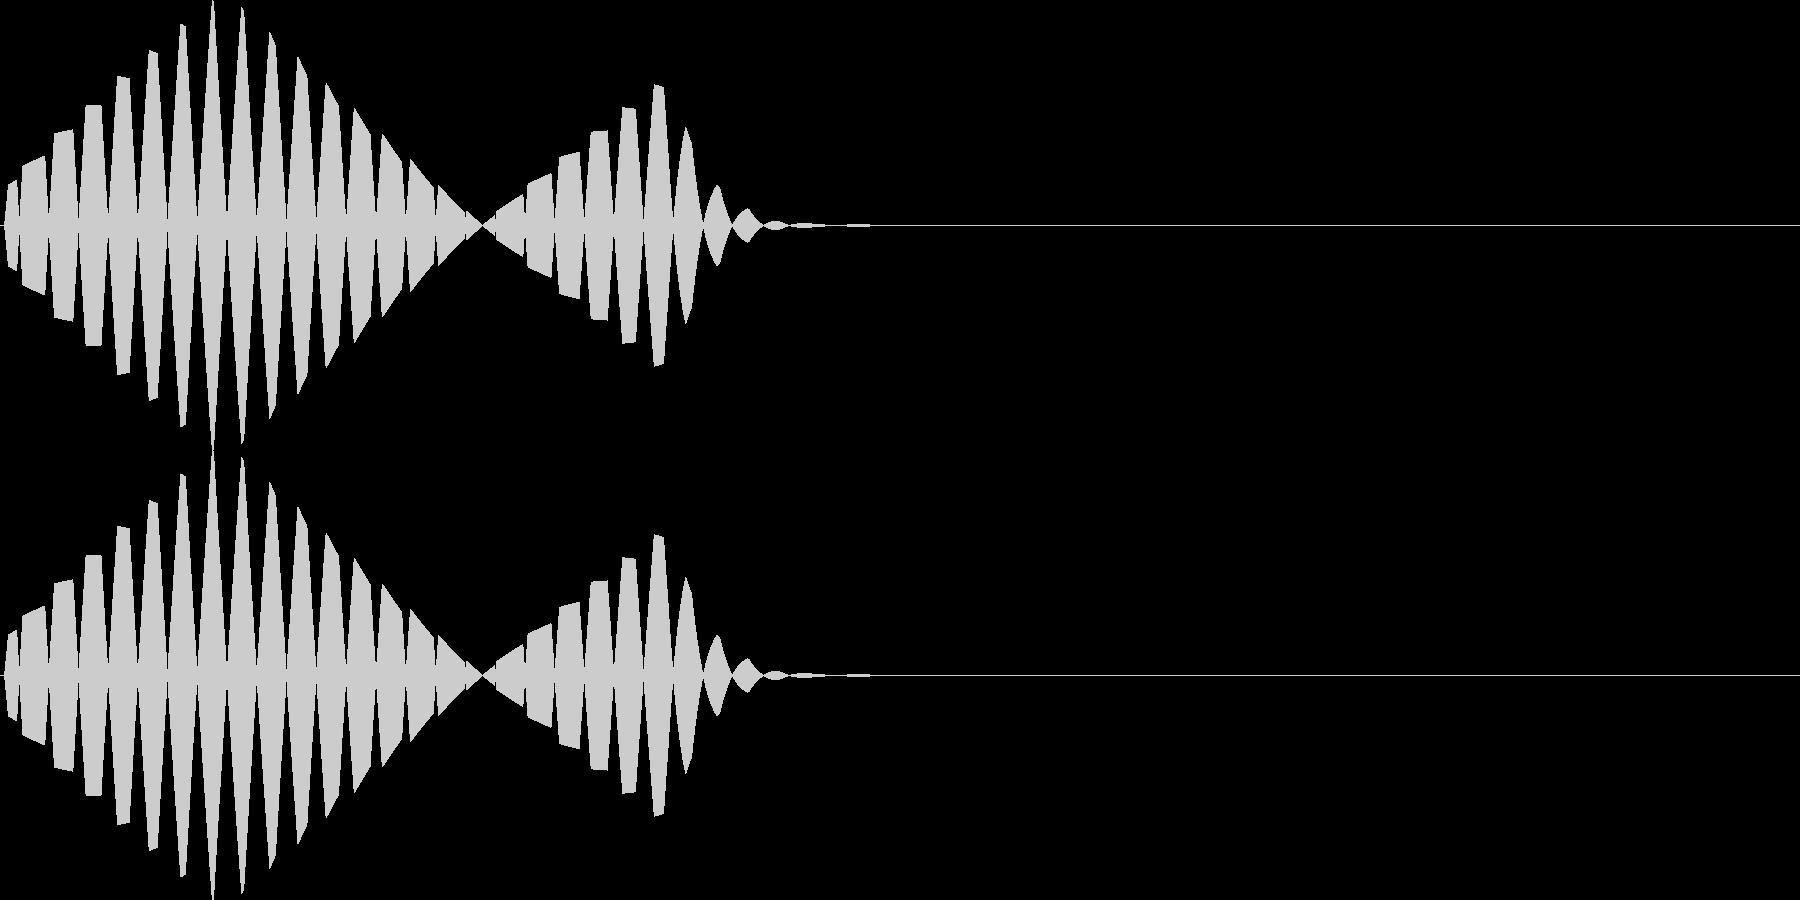 ピロ低音(カーソル移動 表示 決定)の未再生の波形